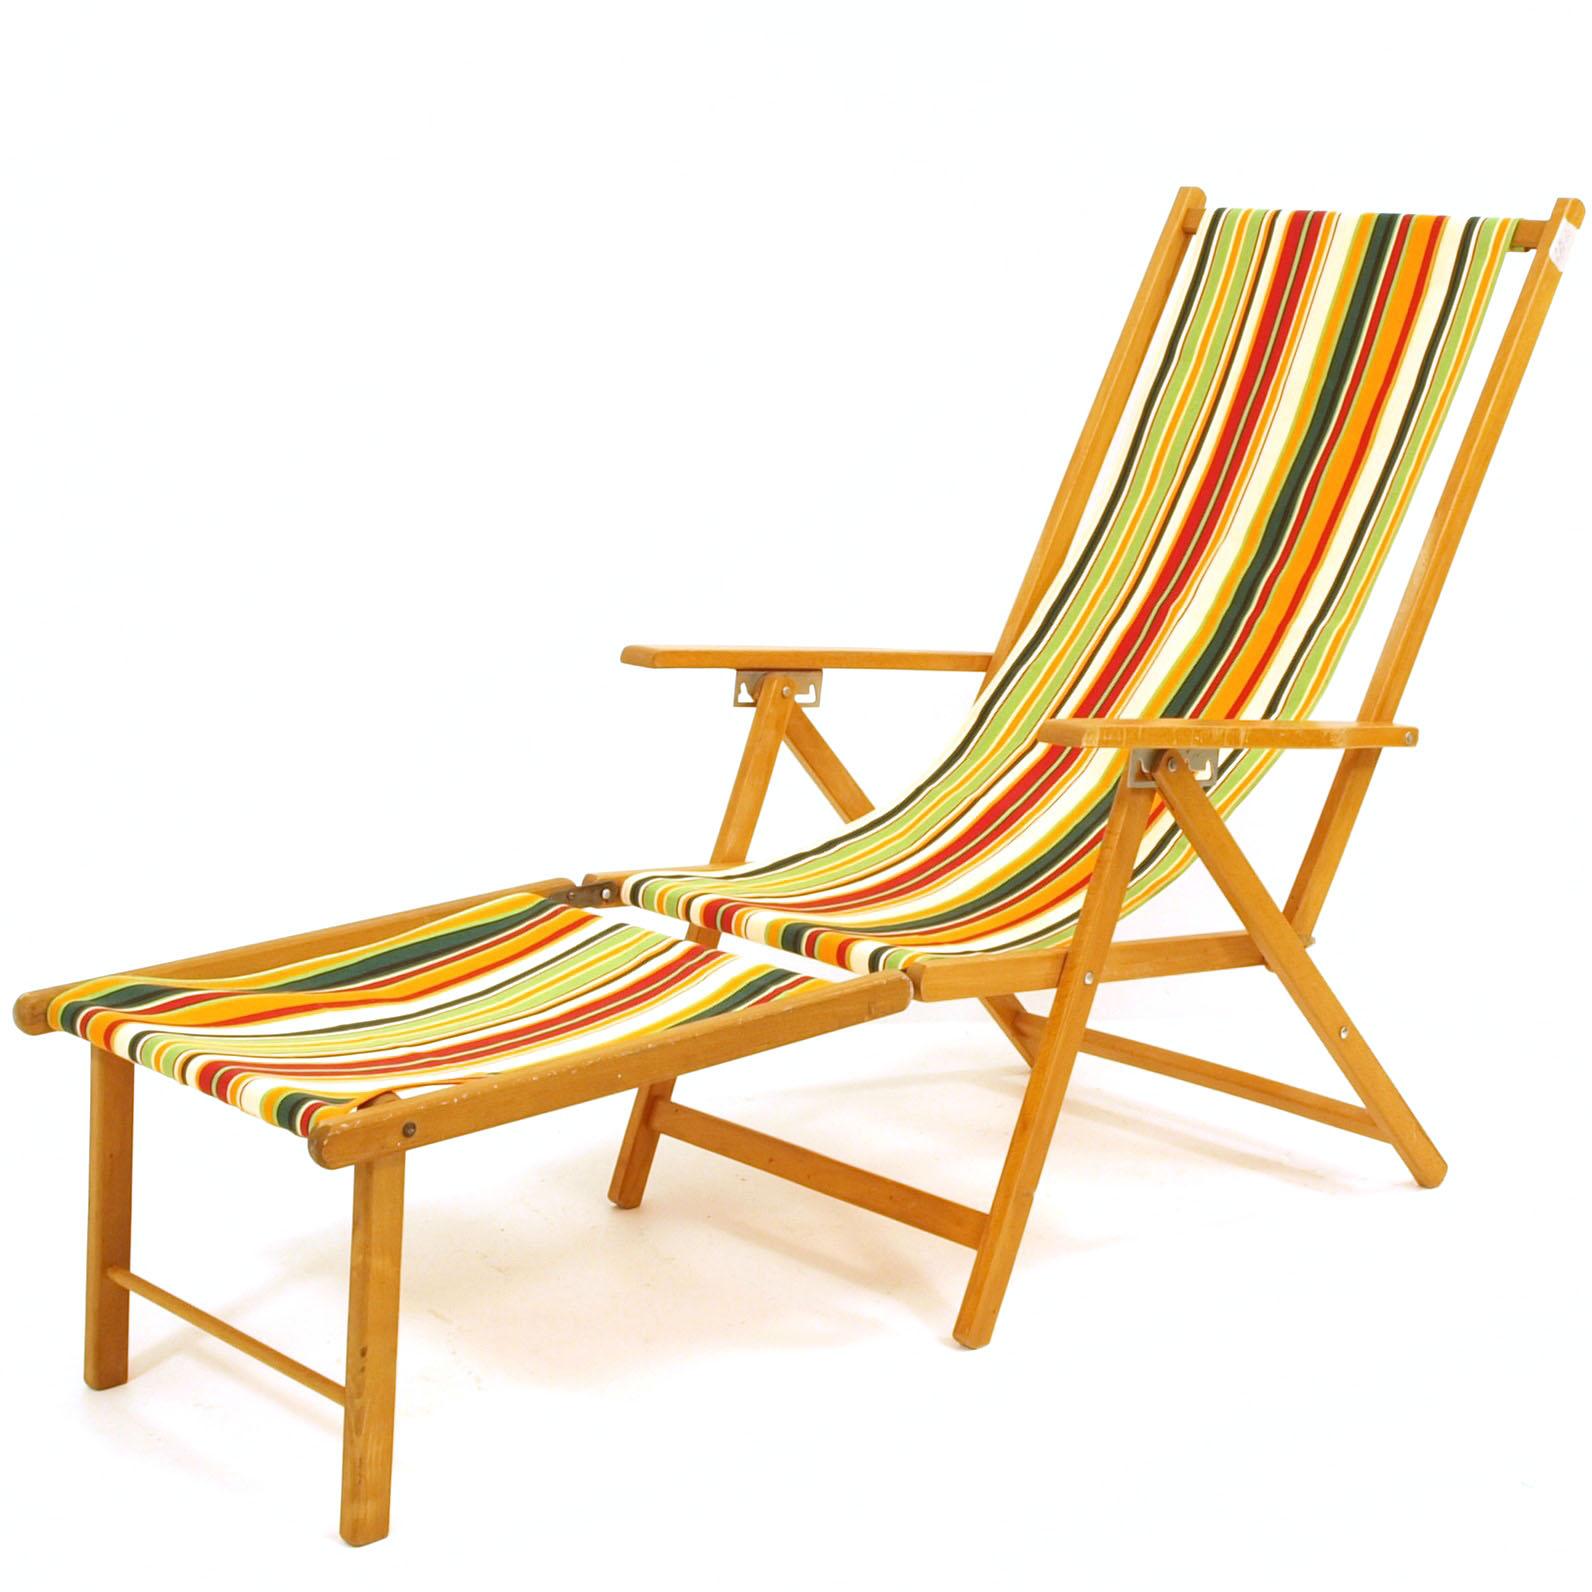 Liegestuhl mit neuem Stoff  Möbel Zürich  Vintagemöbel